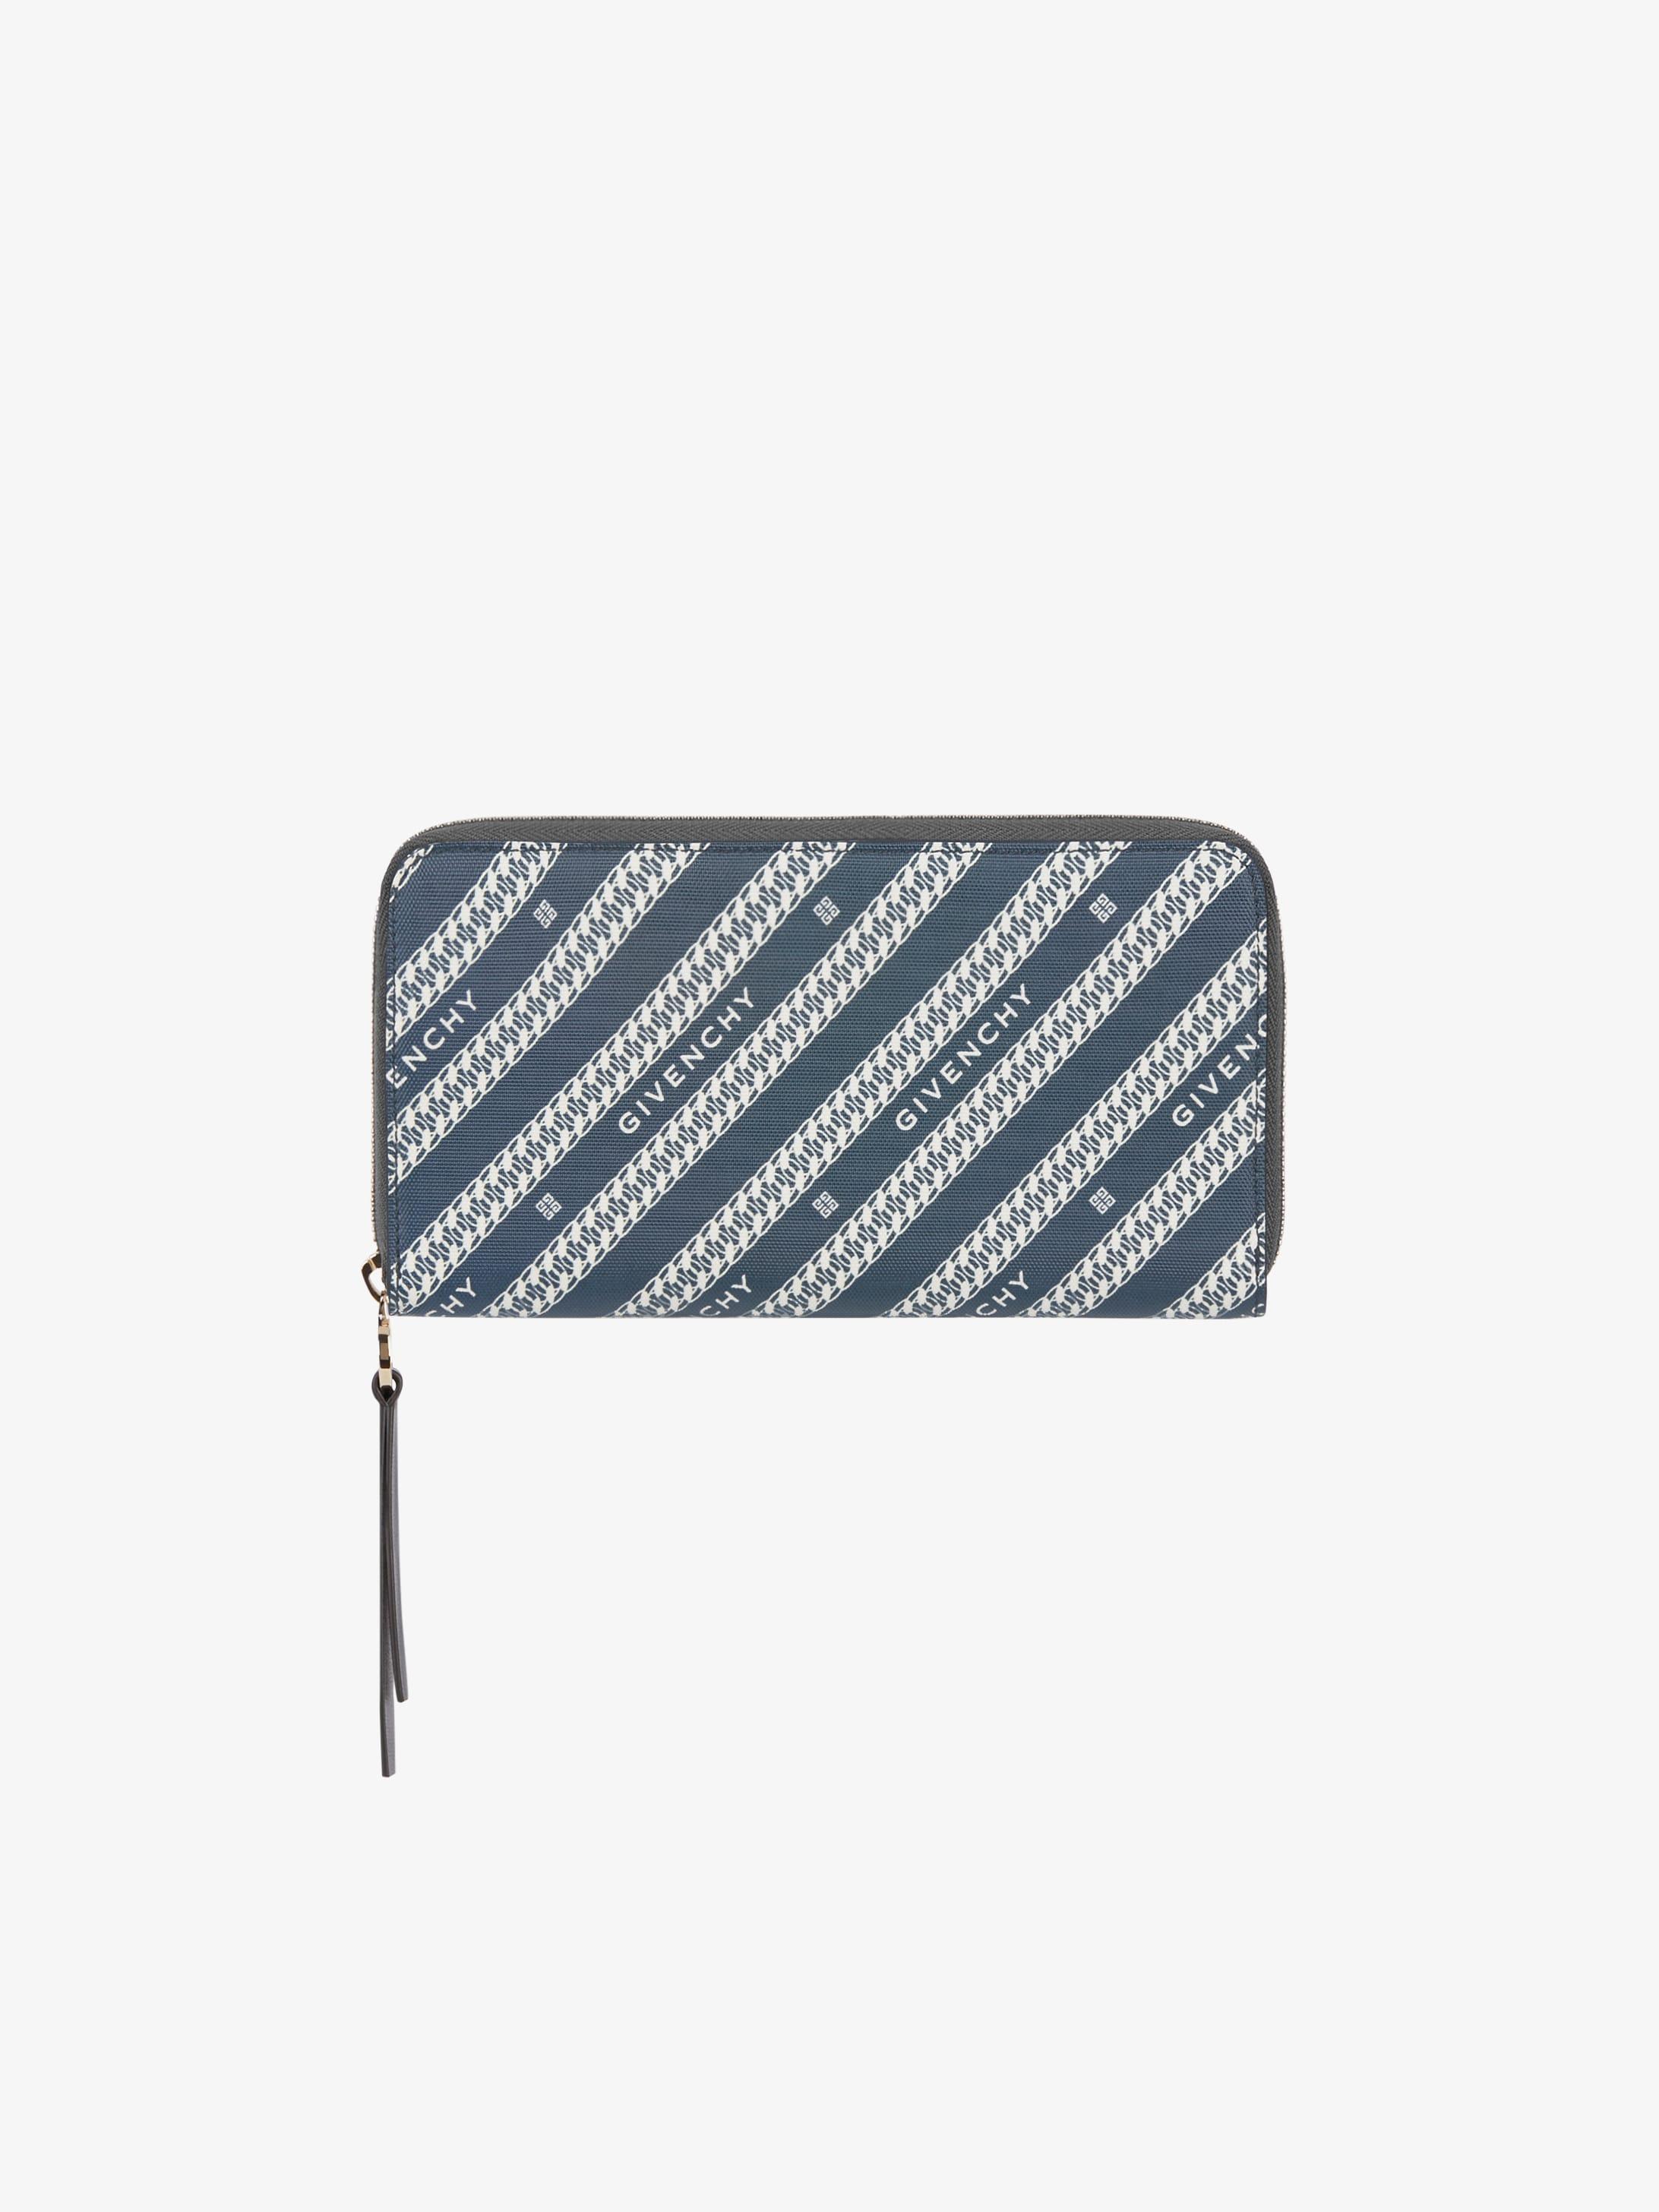 Long portefeuille zippé en toile enduite GIVENCHY Chaîne